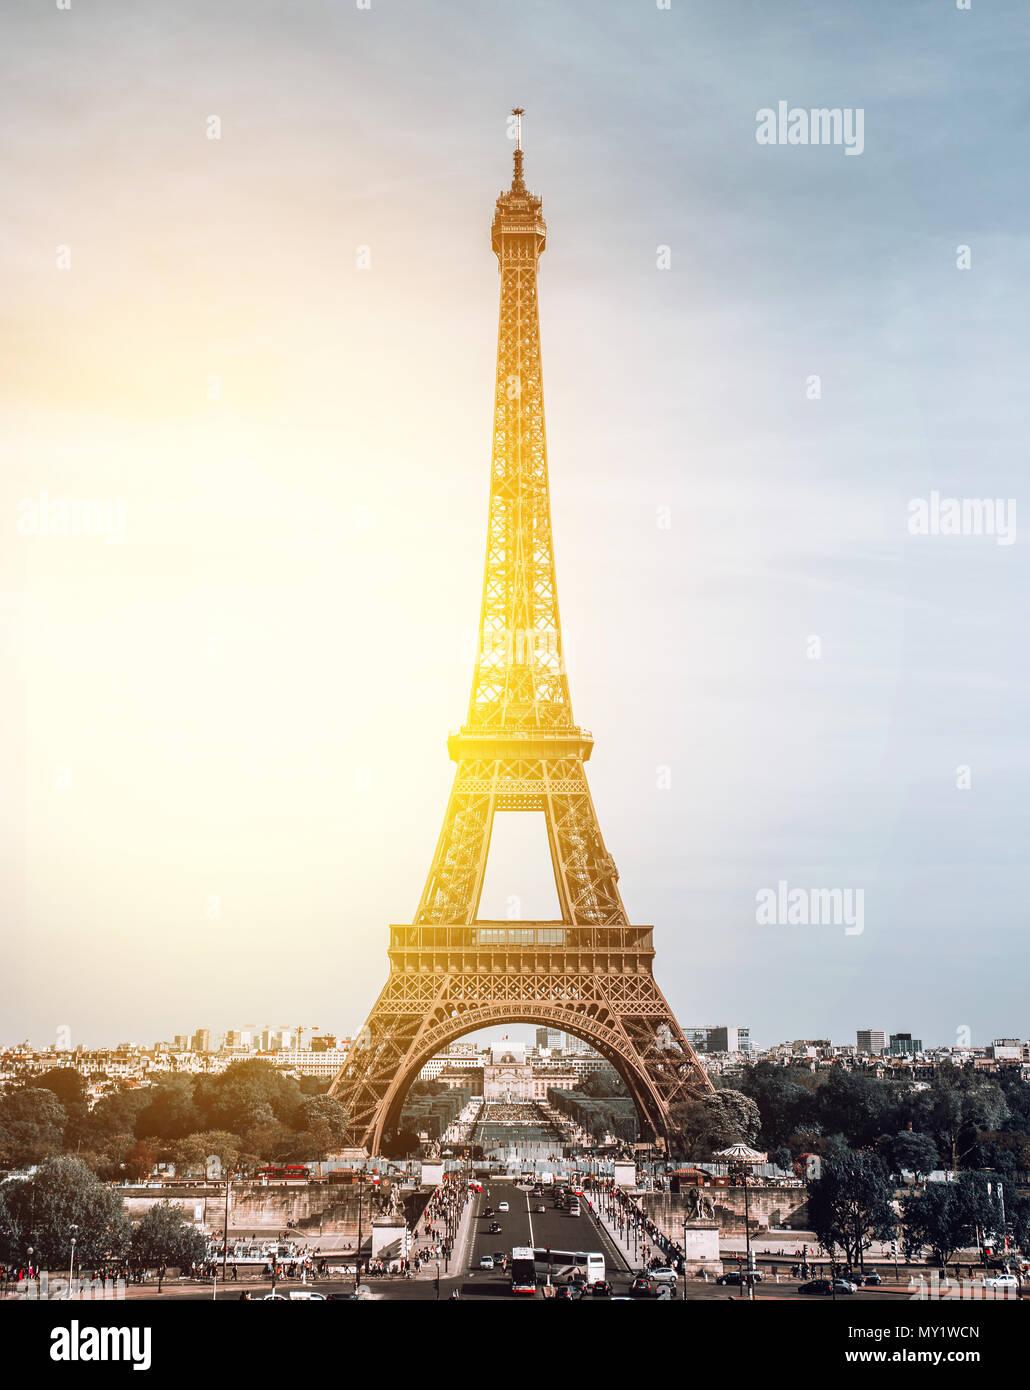 Vertikale Sicht auf den Eiffelturm, Paris, Frankreich. Stockbild